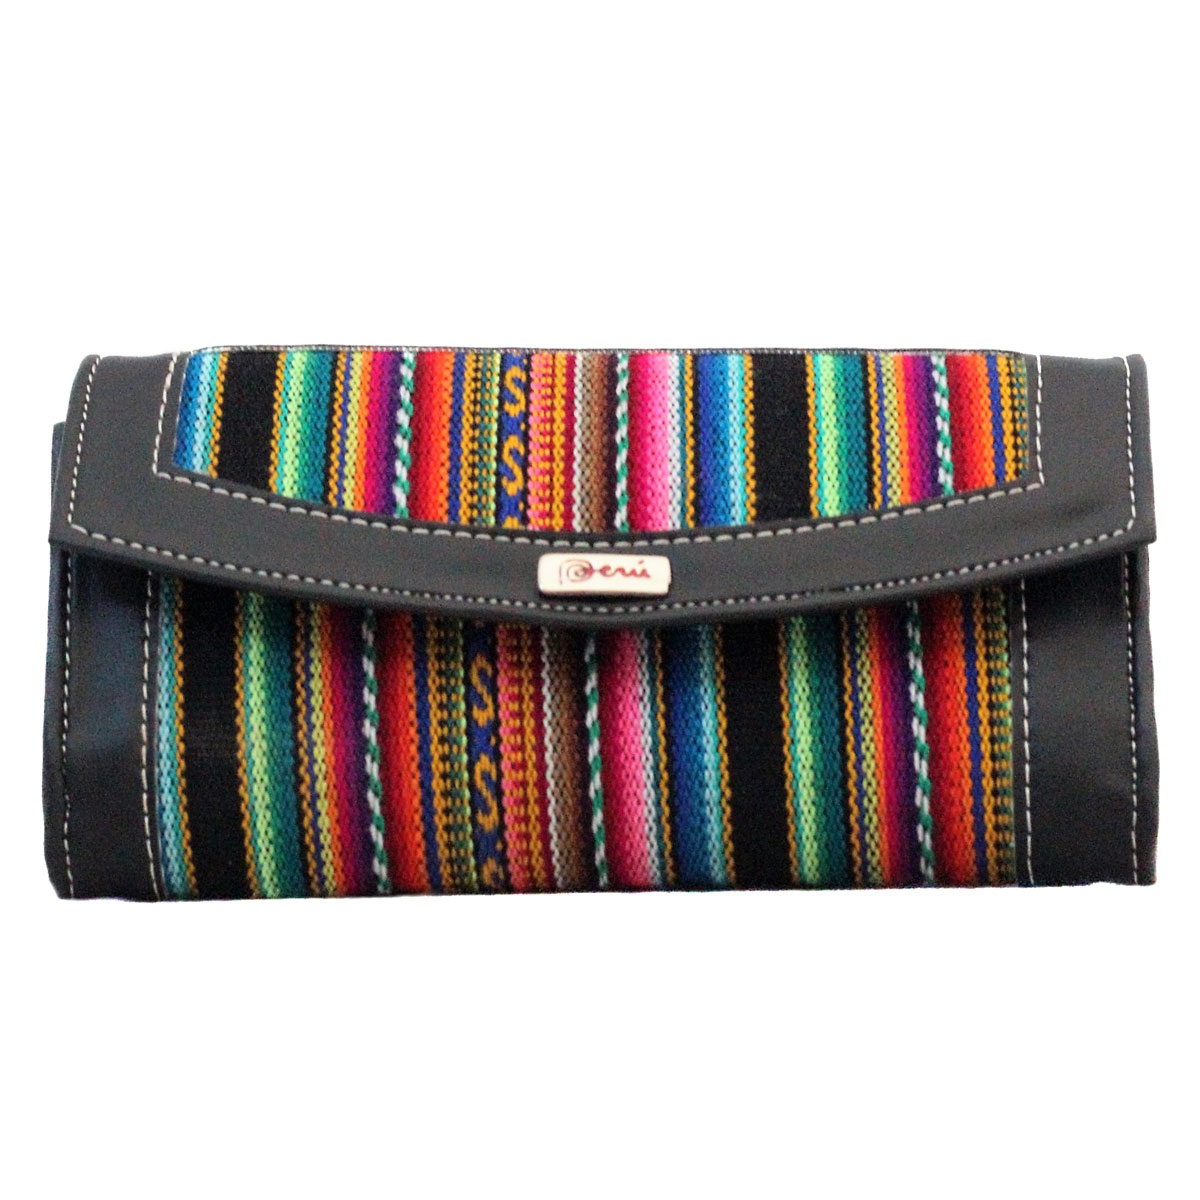 Inka-Products-Portefeuille Péruvien WANI-Noir Coloré Ethnique